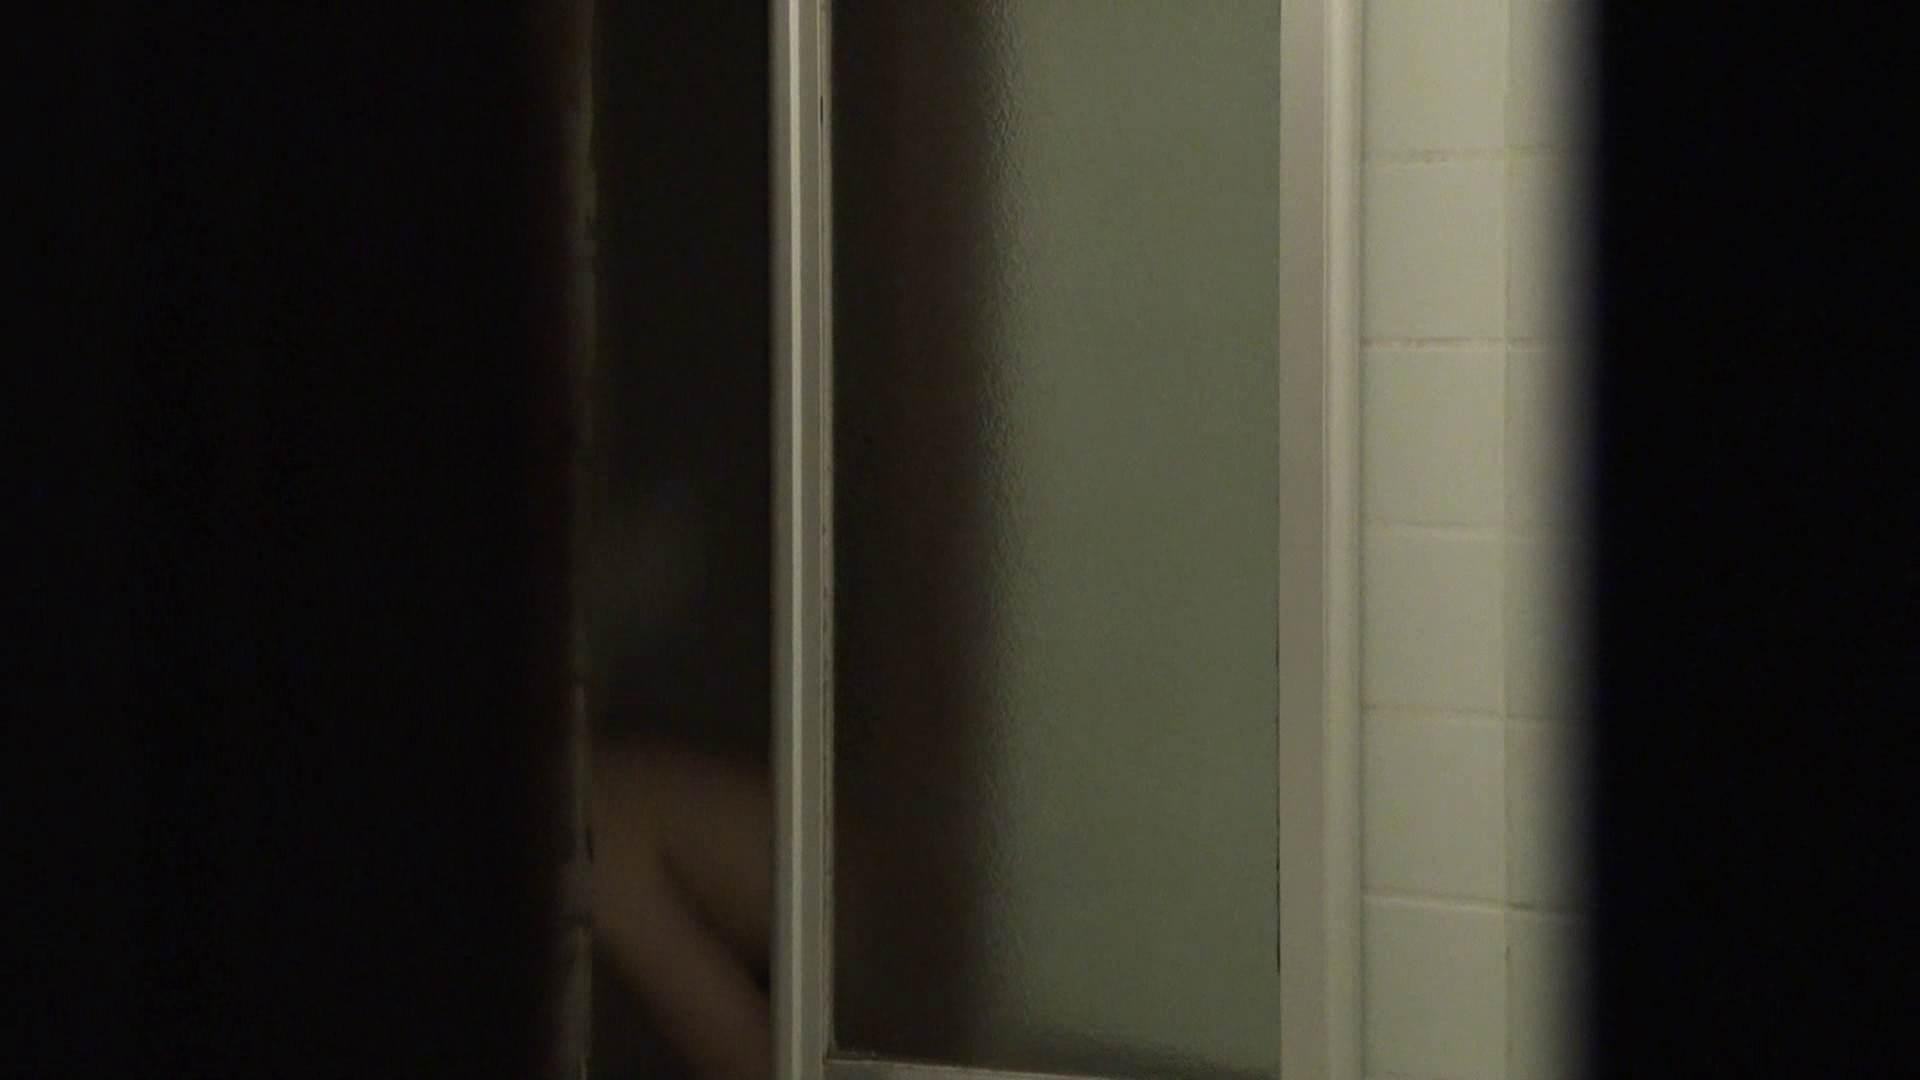 vol.06顔を洗い流す極上お女市さんの裸体をハイビジョンで!風呂上り着替え必見! 覗き おめこ無修正画像 84pic 22